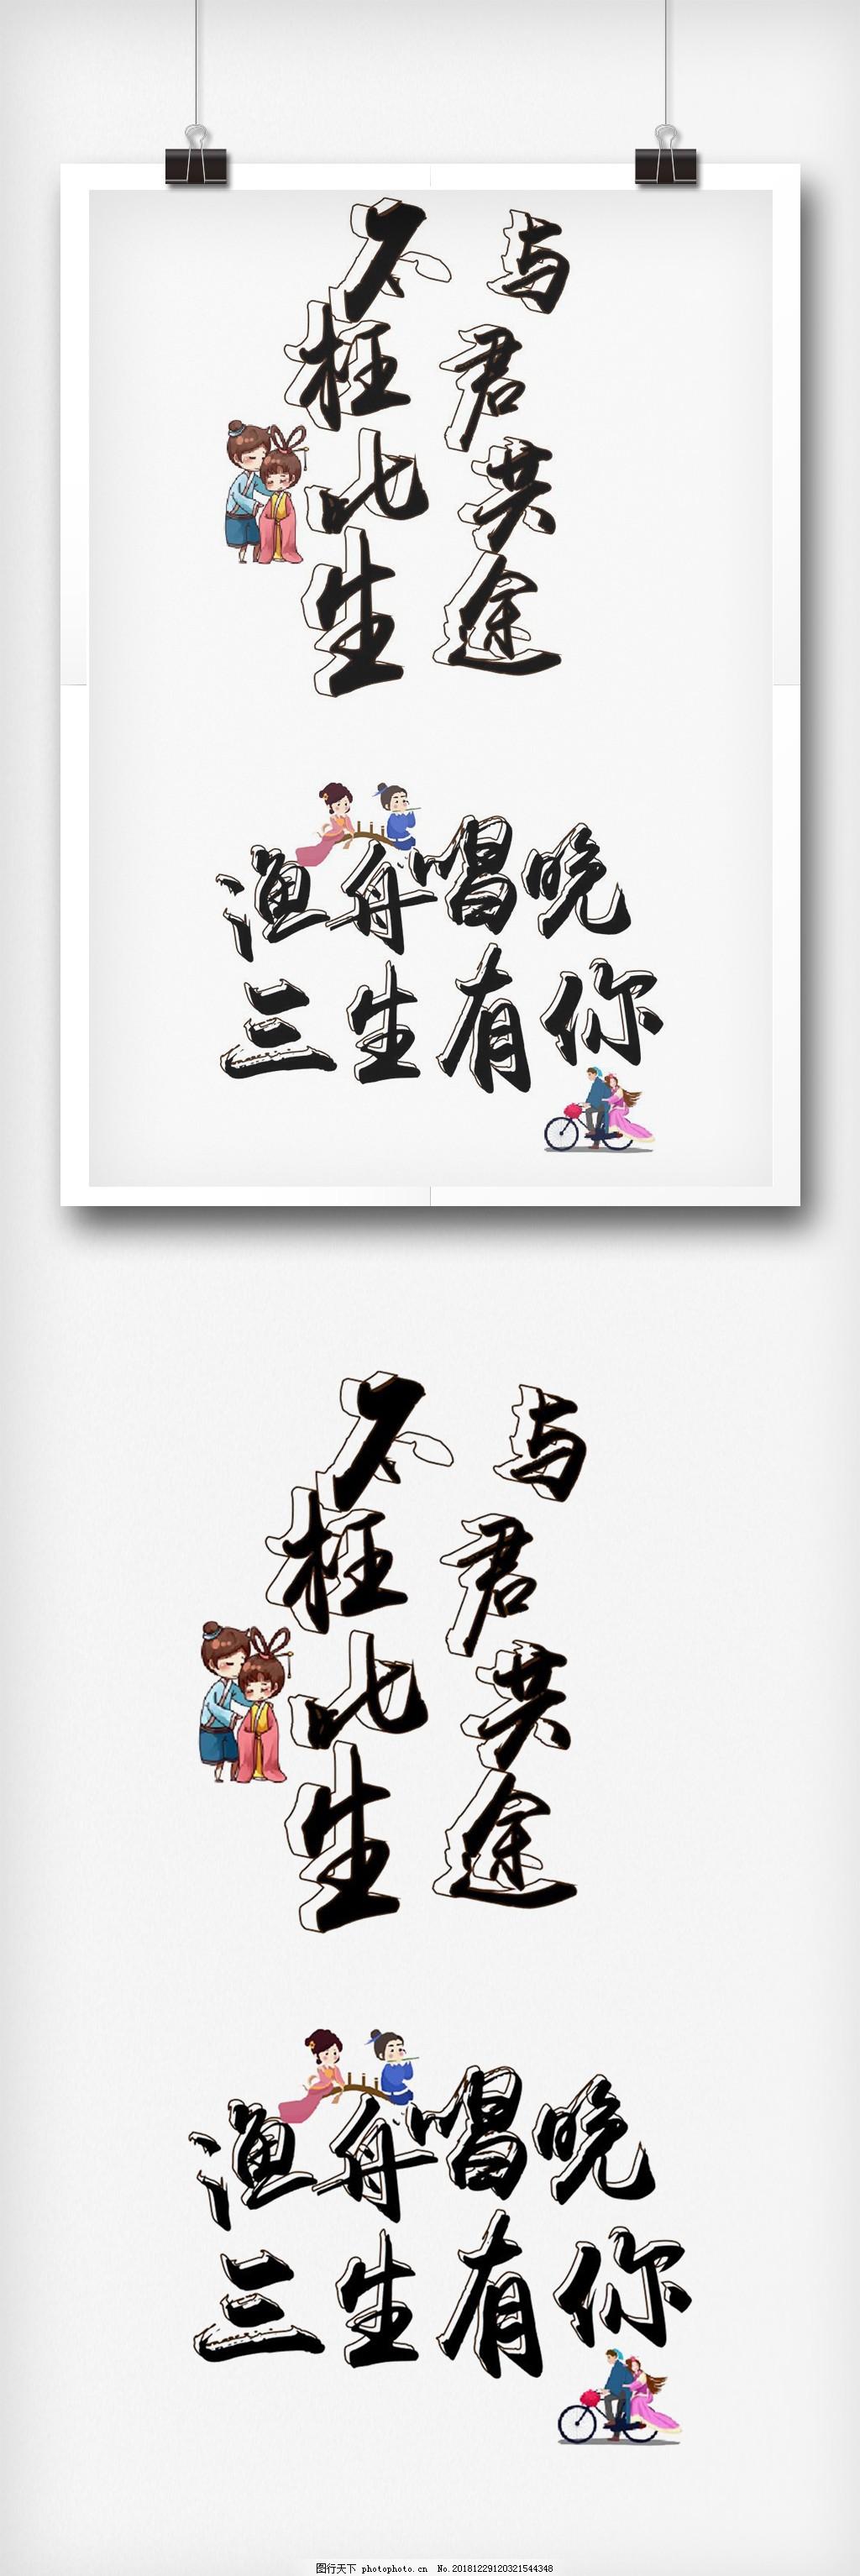 七夕情人节字体设计排版设计元素与君共途平面设计都分哪几类图片